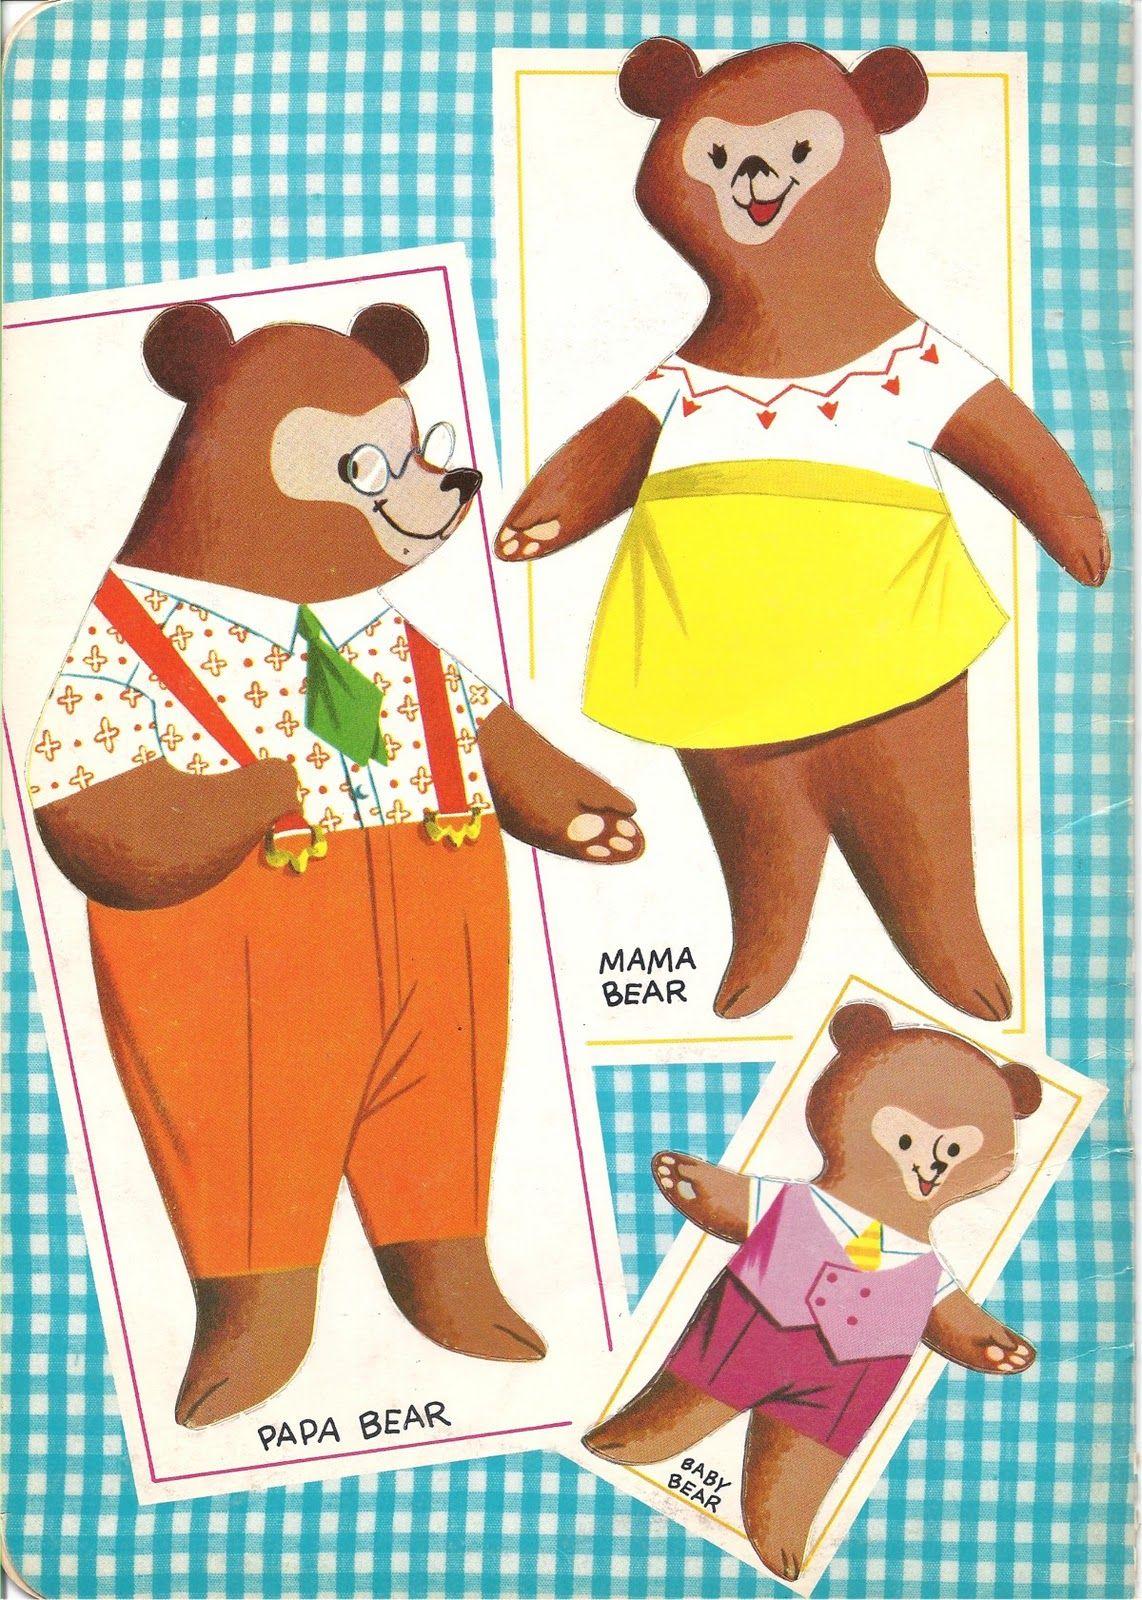 Bonecas de Papel: Cachinhos de Ouro e os 3 Ursos | chapeuzinho ...